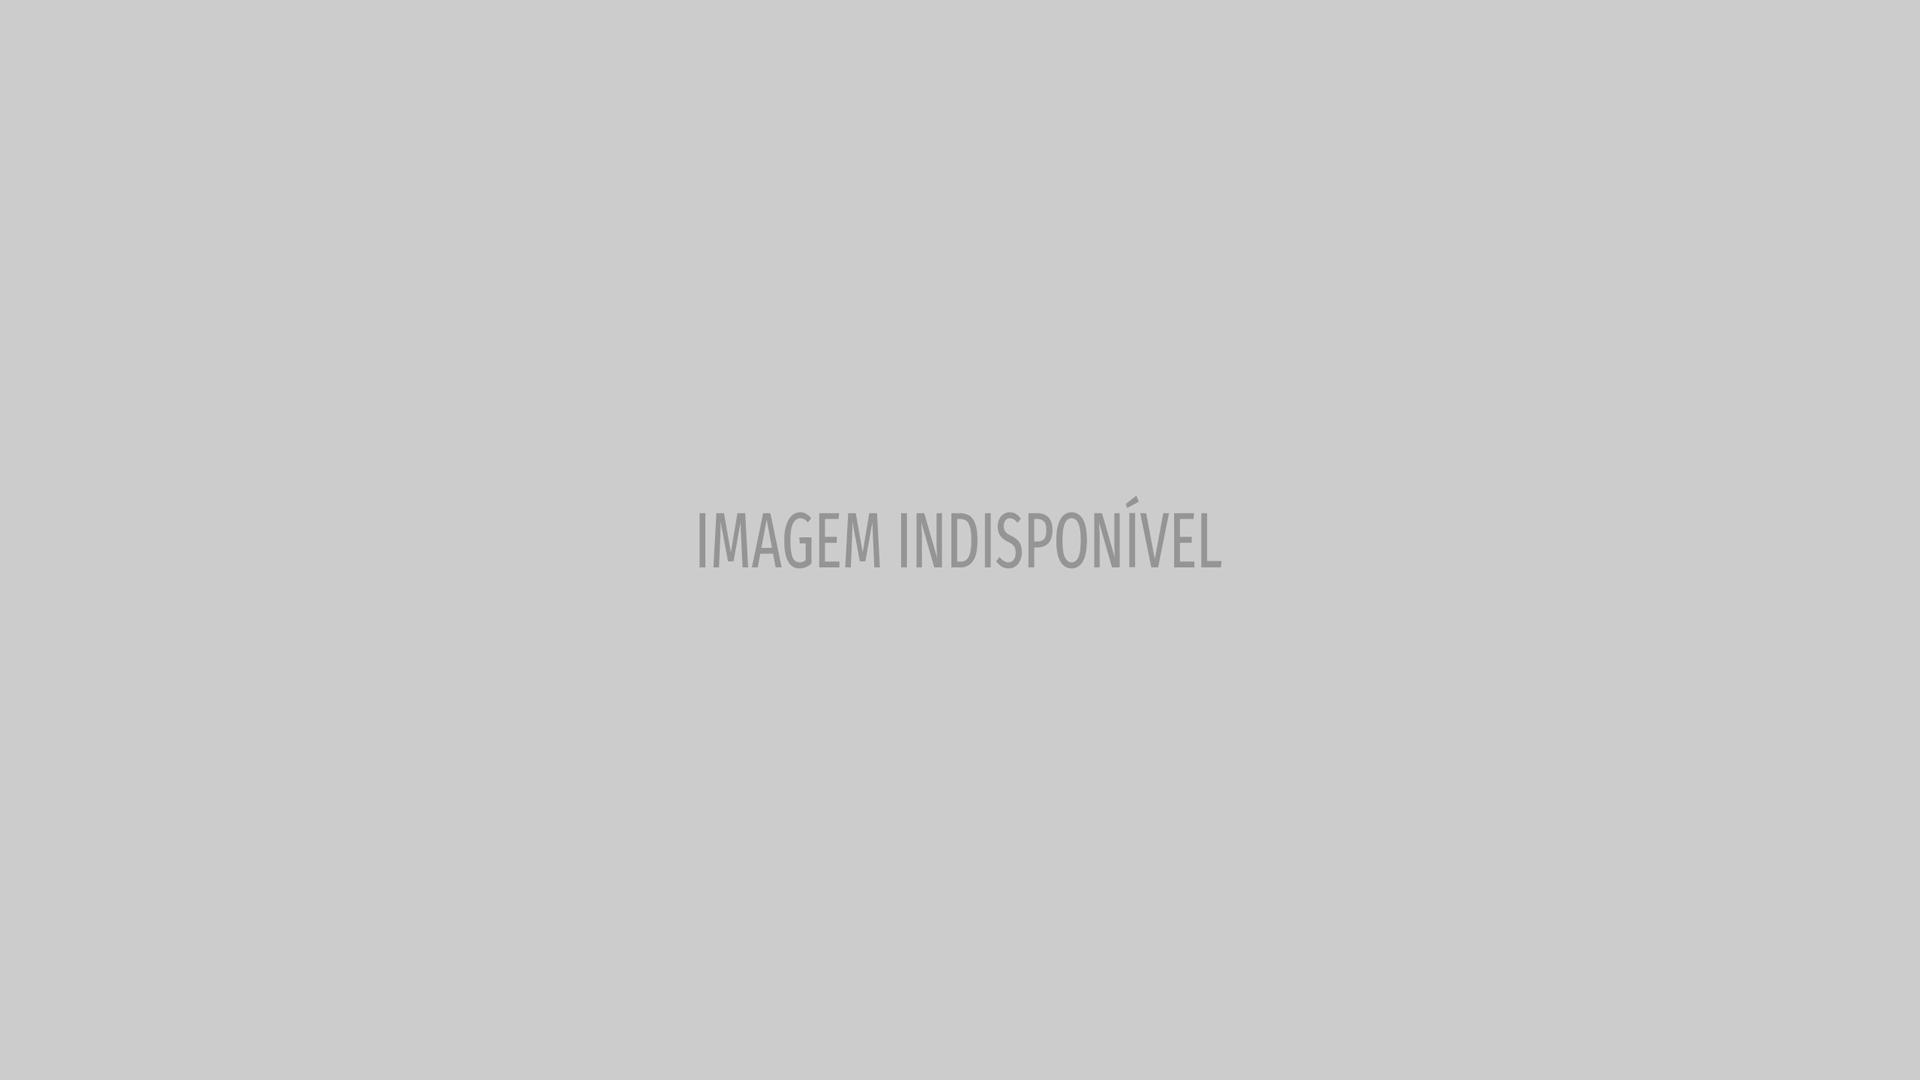 Conti já é do Benfica: Adeus ao antigo clube com mensagem emocionada